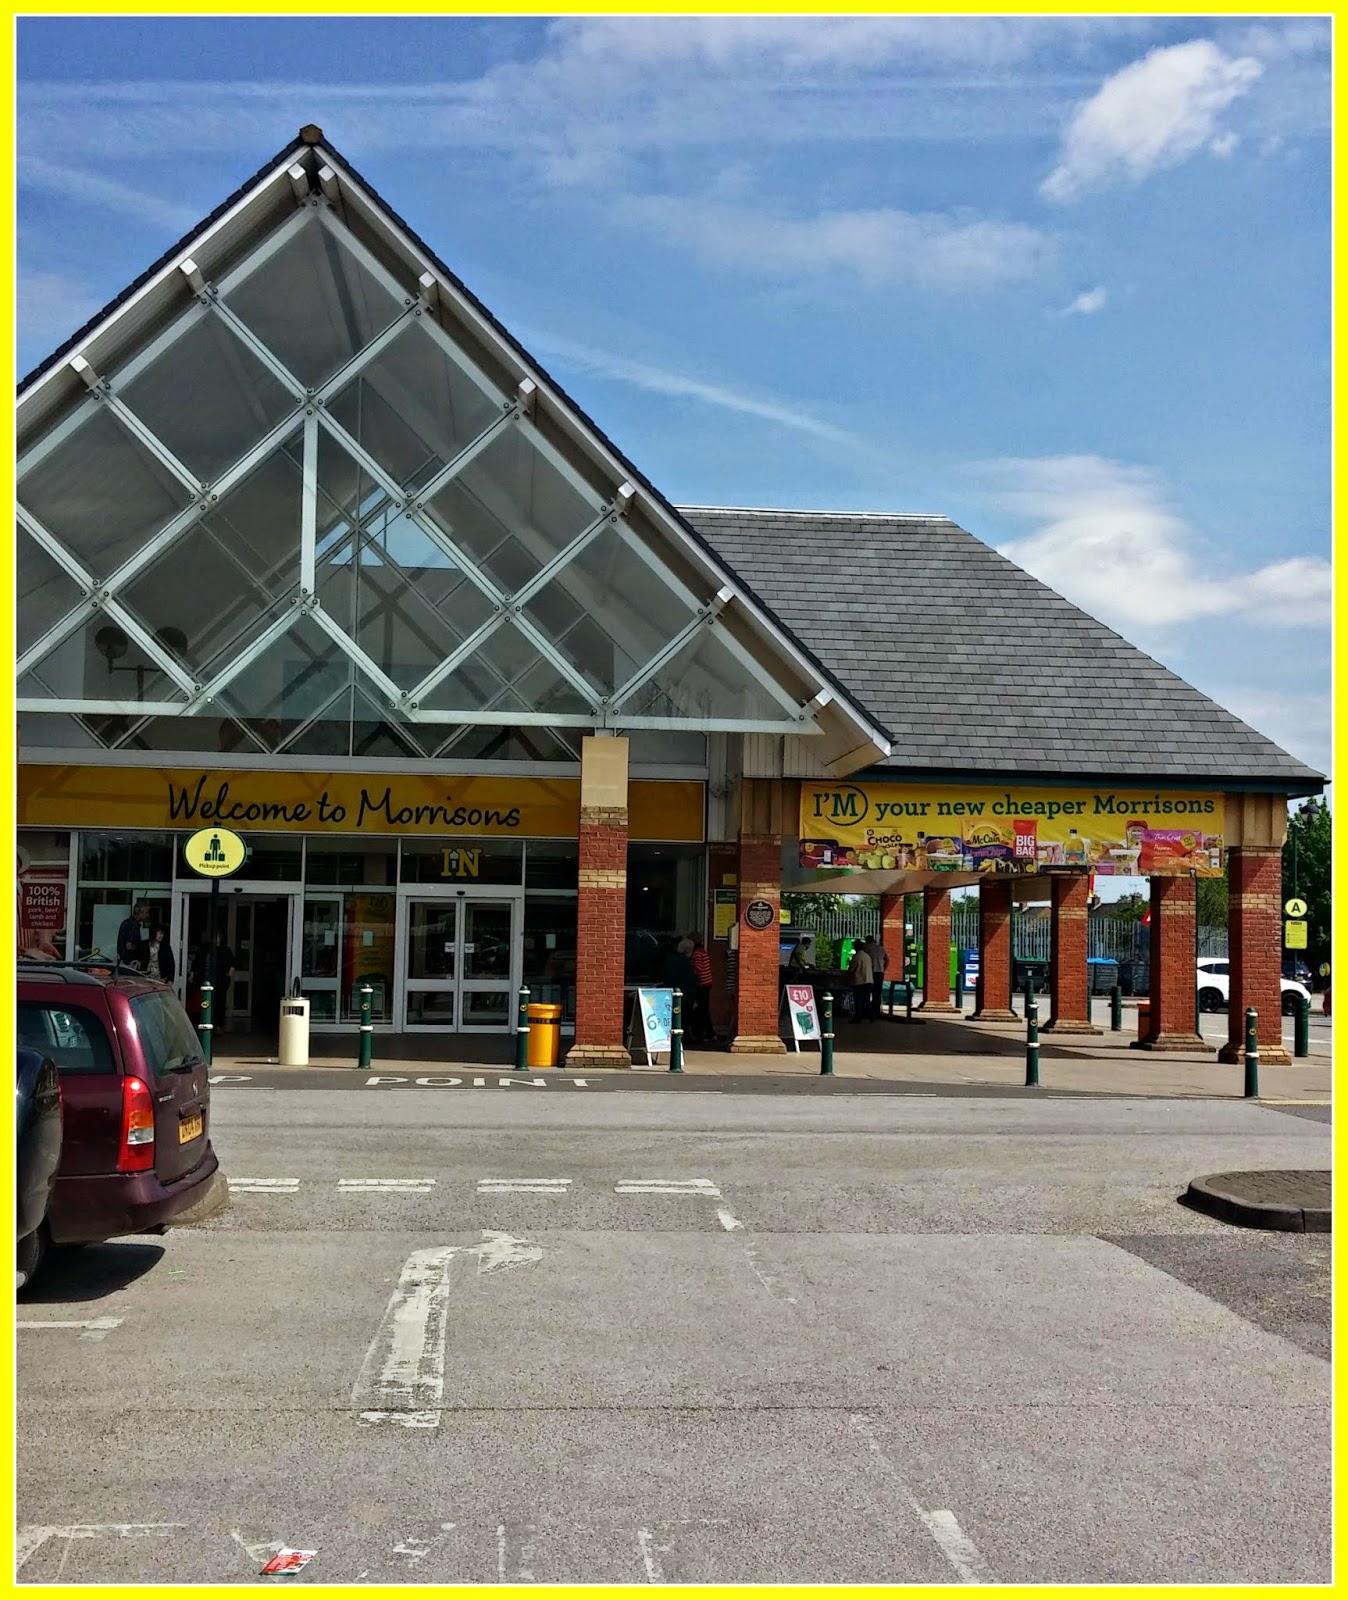 Morrisons, supermarket